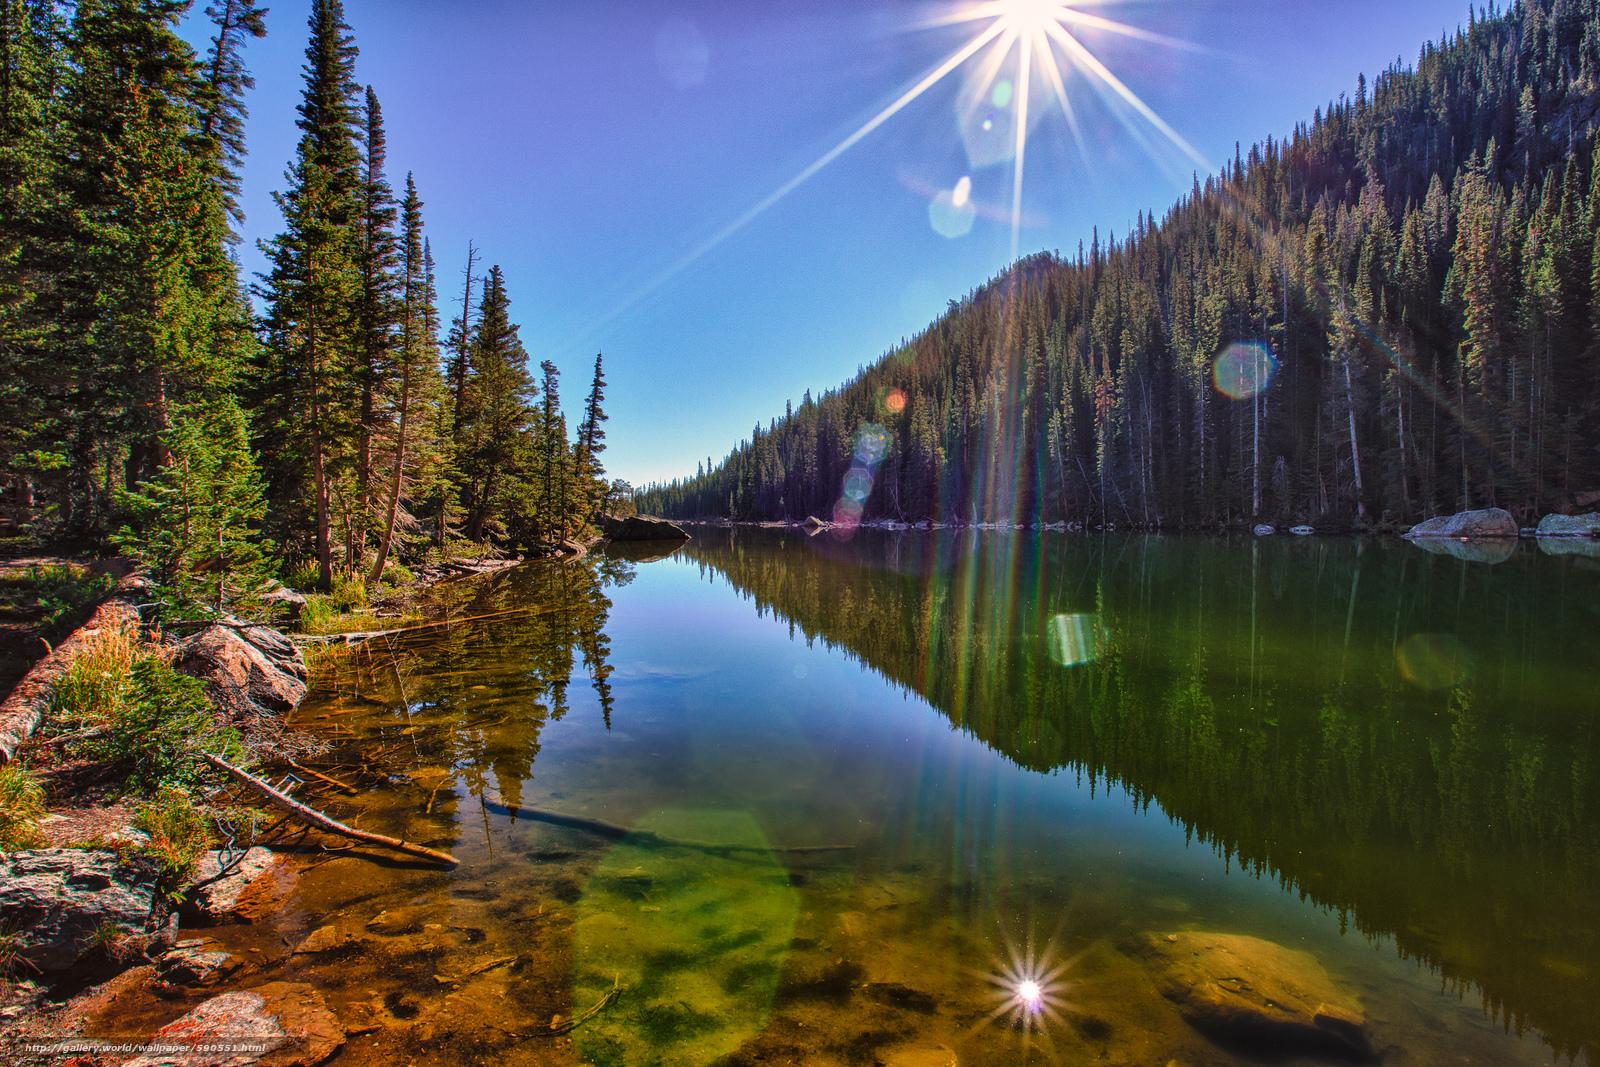 Download wallpaper Dream Lake Rocky Mountain National Park lake 1600x1067